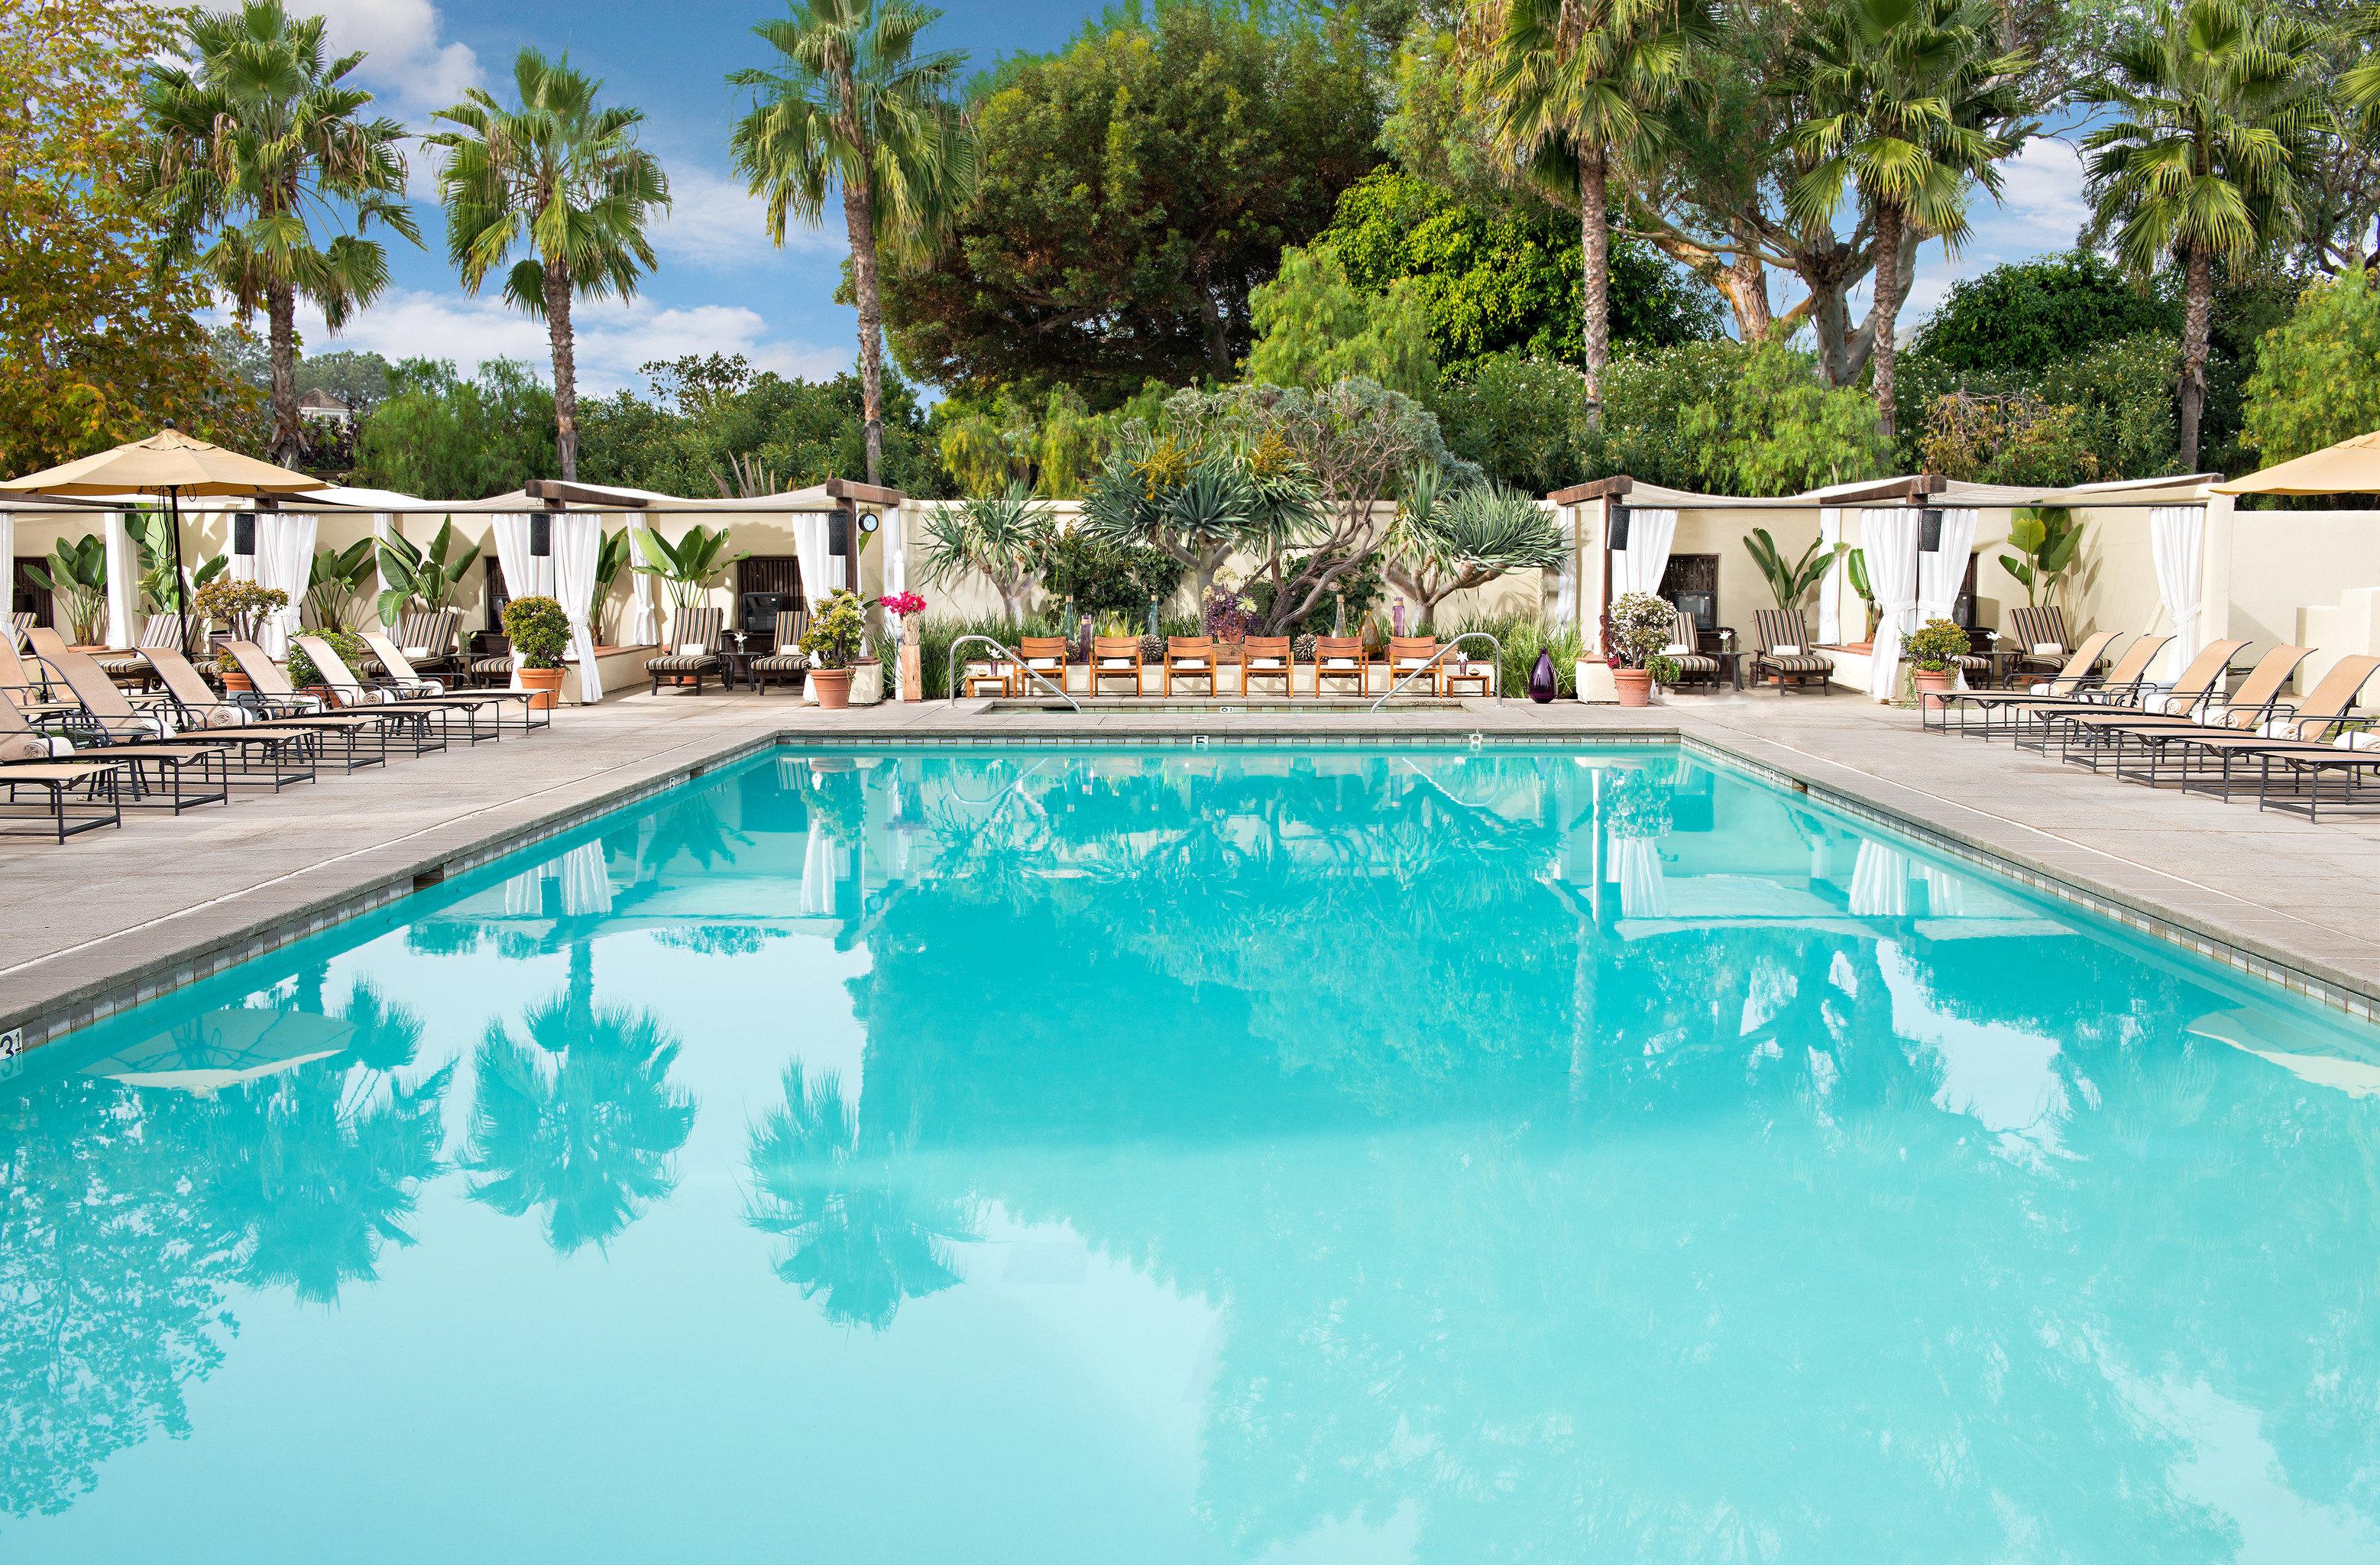 Estancia La Jolla Hotel & Spa (La Jolla, CA) | Jetsetter